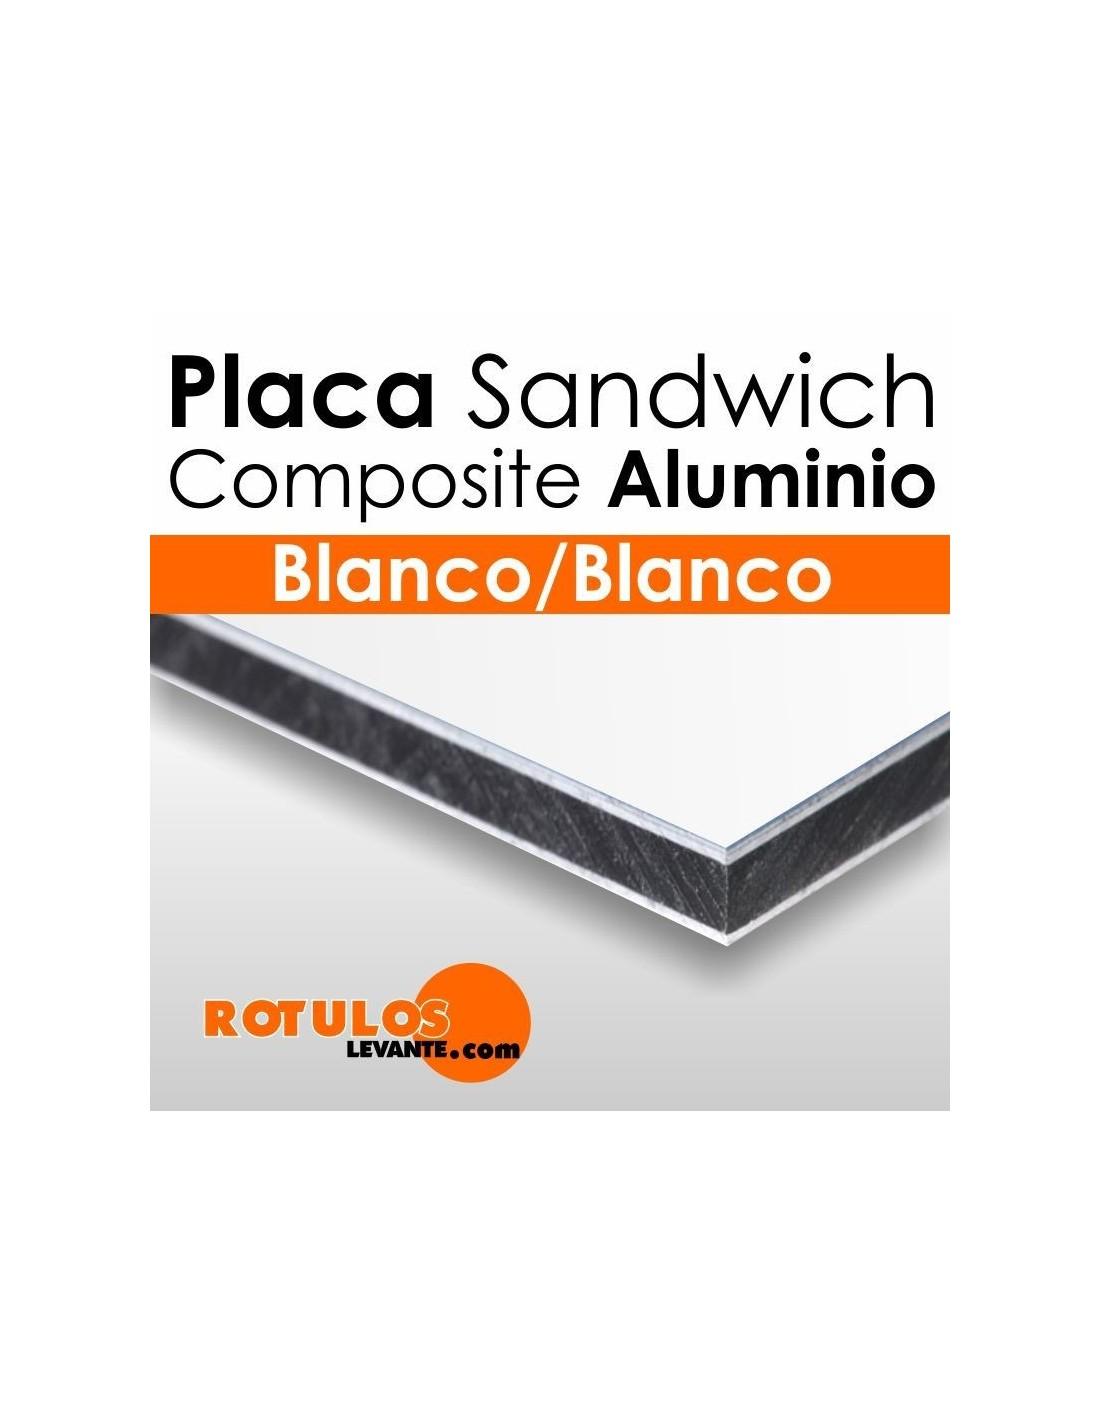 Placa aluminio comp site blanco online for Panel sandwich aluminio blanco